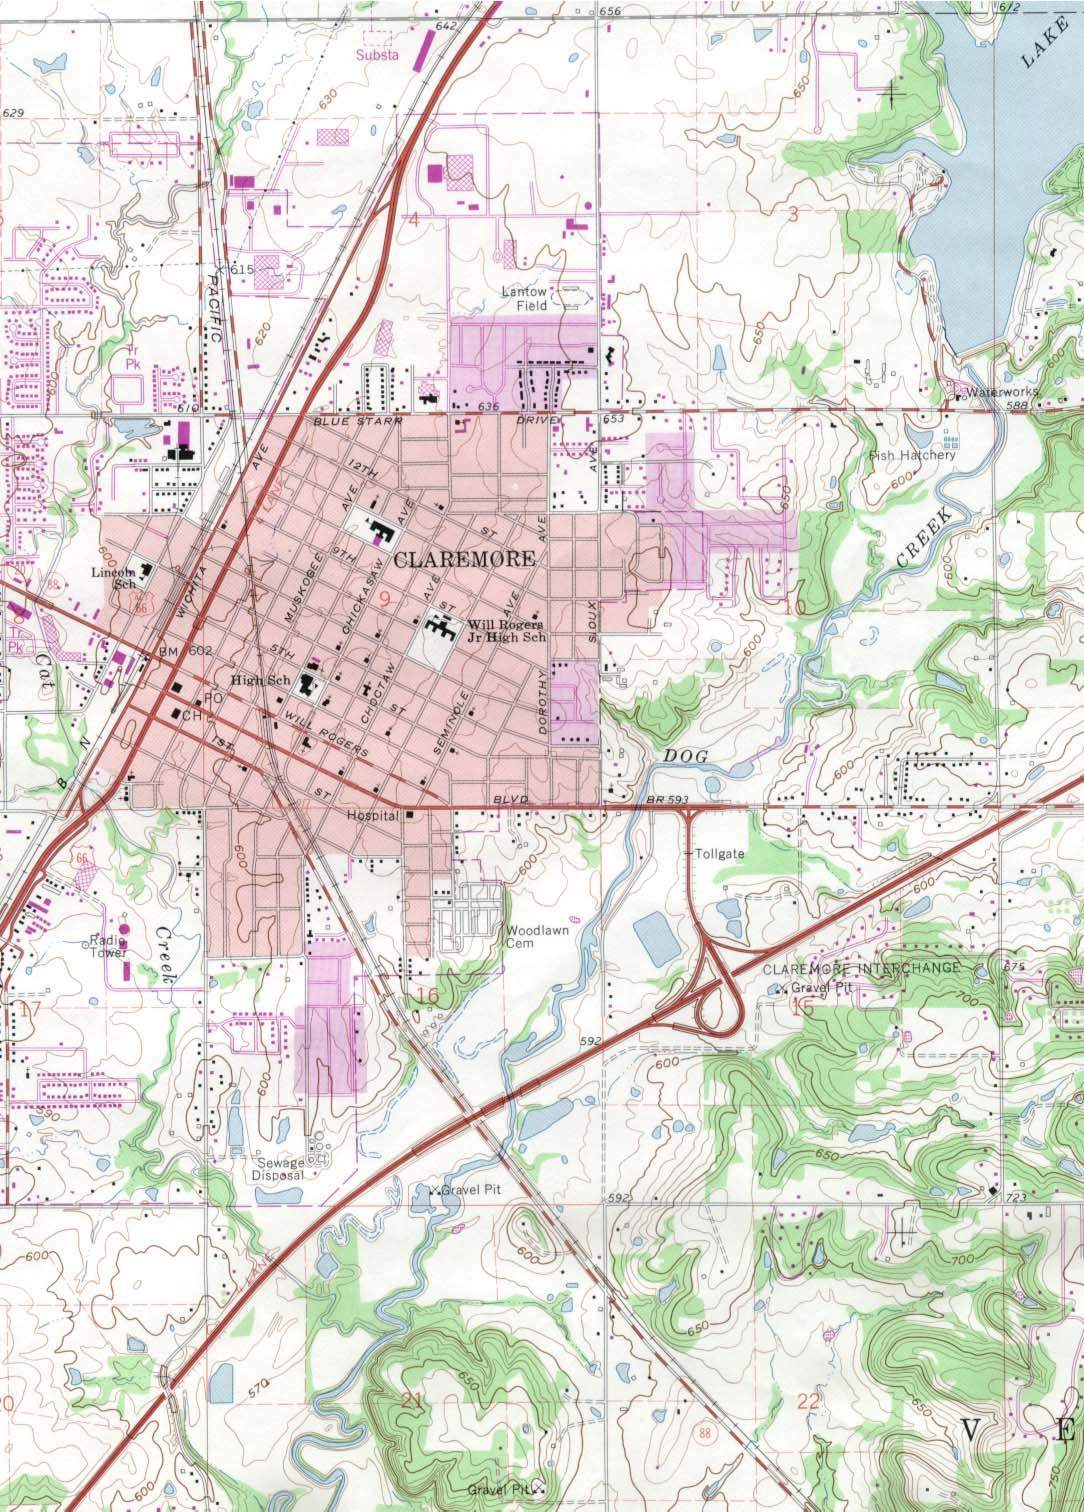 Mapa Topográfico de la Ciudad de Claremore, Oklahoma, Estados Unidos